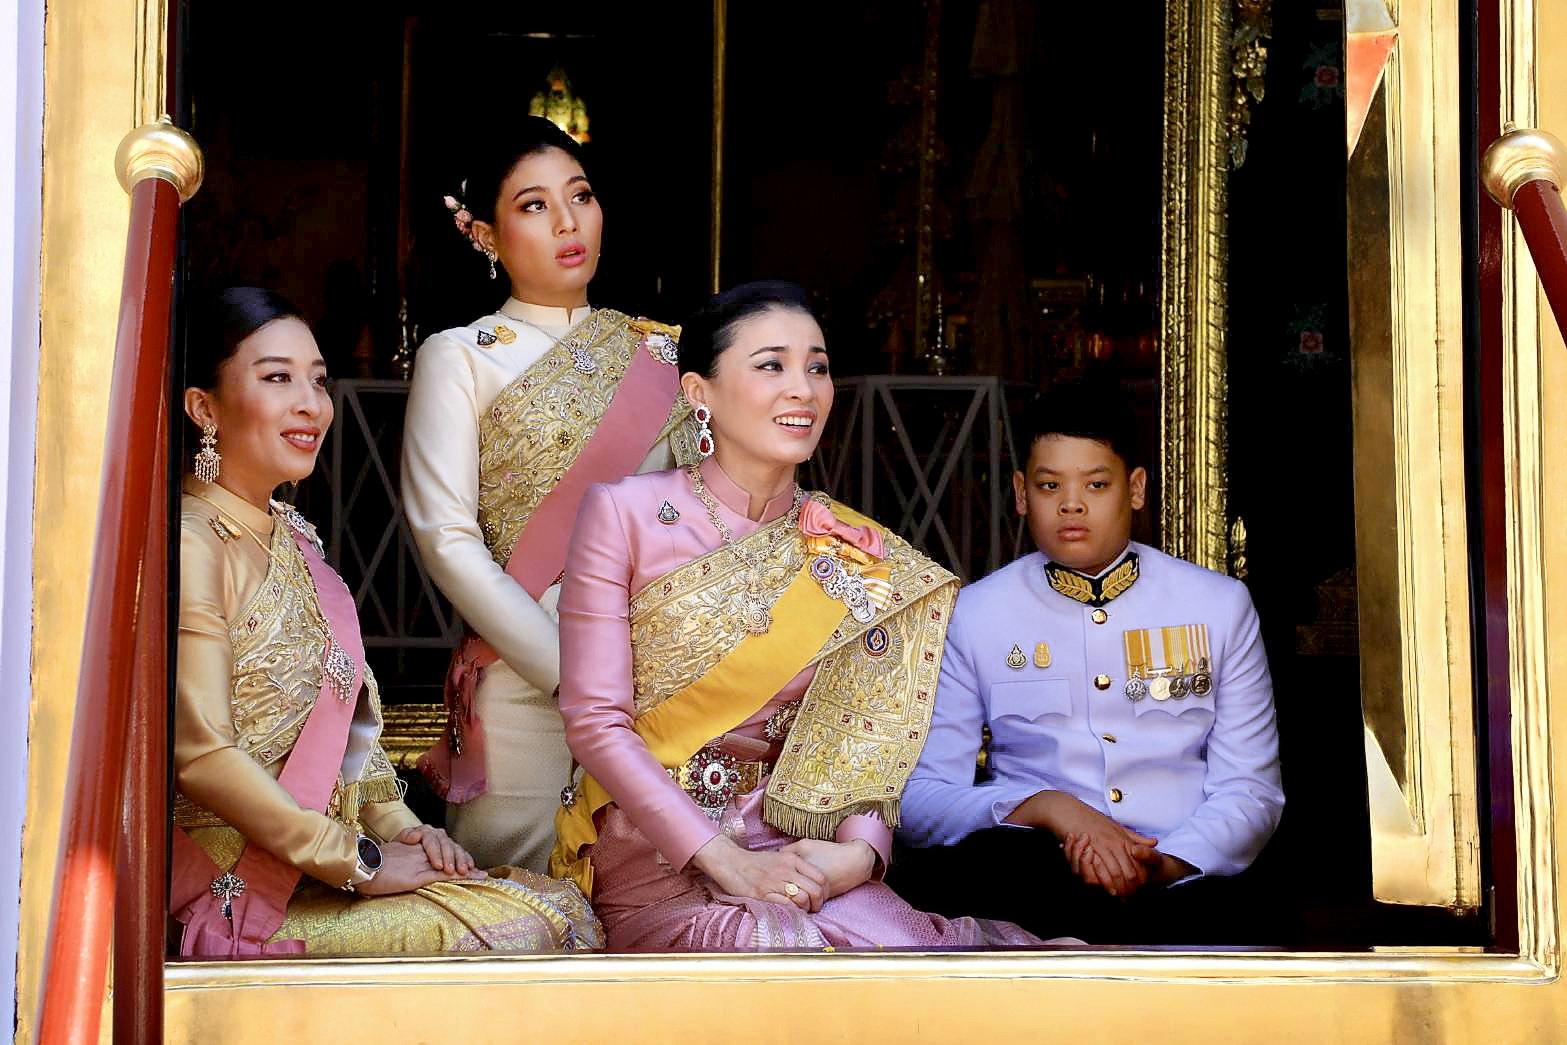 태국 국왕의 새 왕비인 수티다 왕비(가운데)가 4일 왕국에서 열린 마하 와찌랄롱꼰(라마 10세) 태국 국왕 대관식에 공주, 왕자들과 참석해 있다. [REUTERS=연합뉴스]